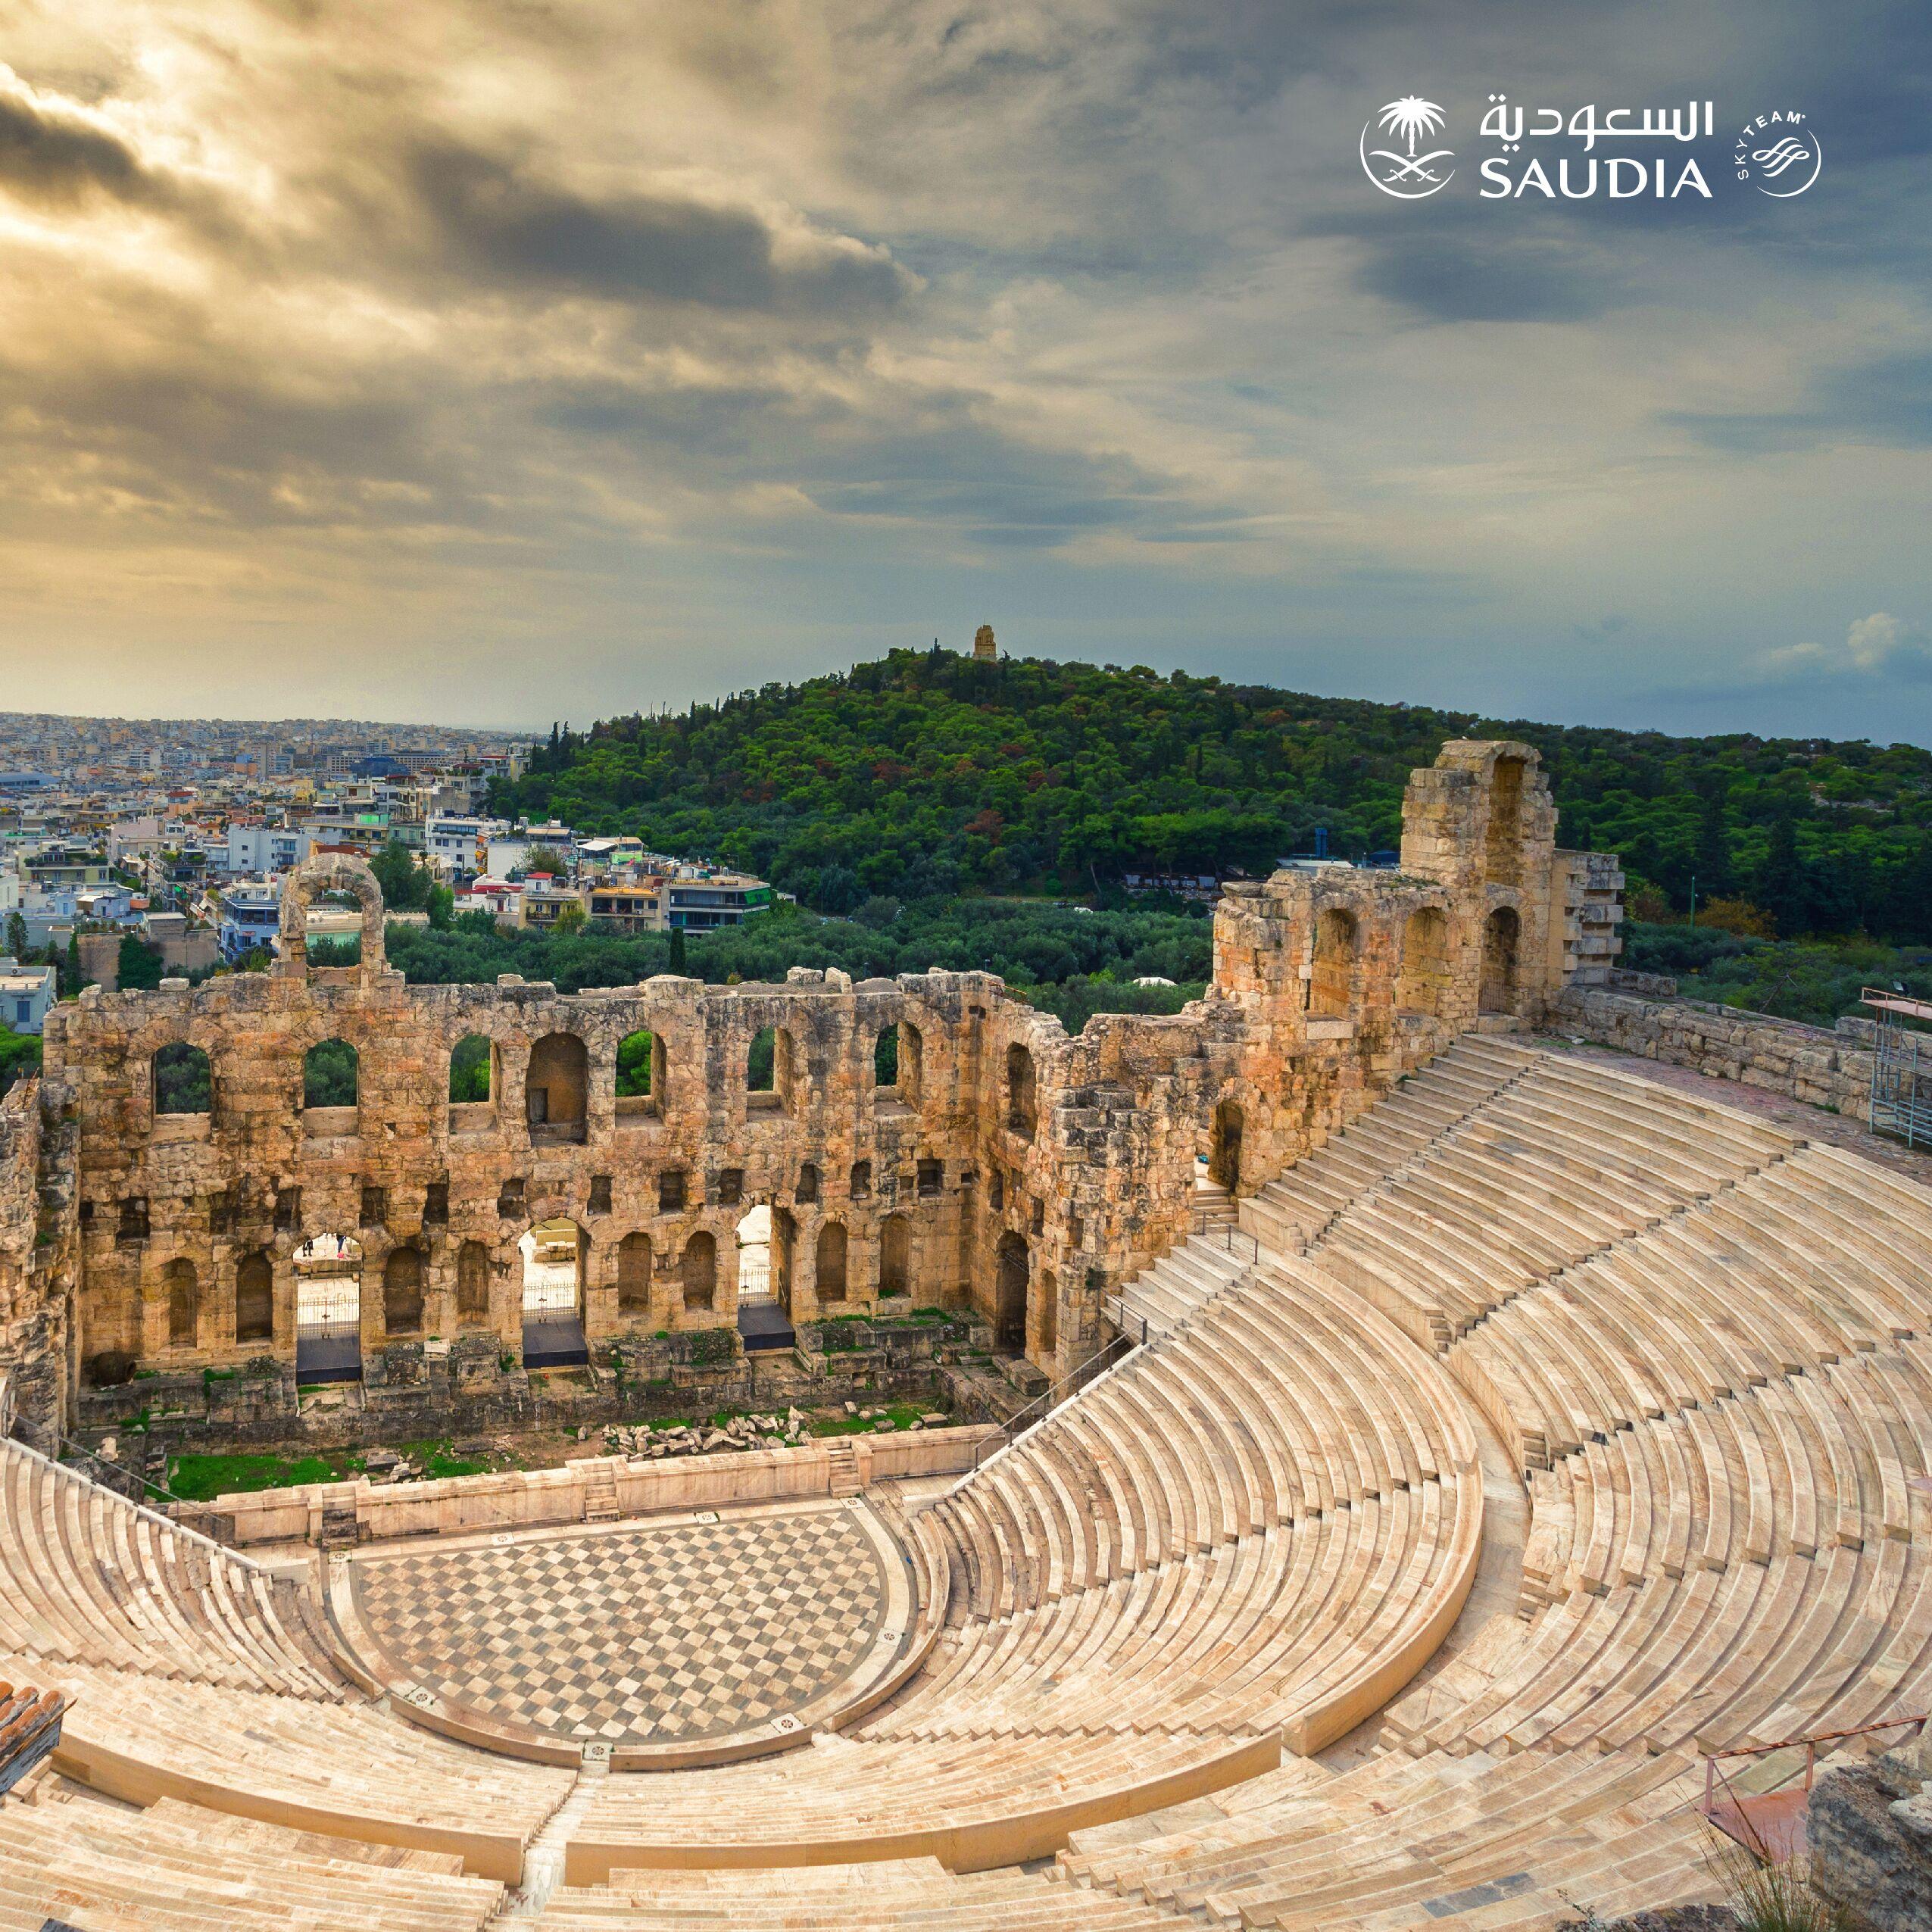 """""""السعودية"""" تدشن وجهات 2019 الجديدة بتسيير رحلات مباشرة إلى  """"أثينا"""" اعتباراً من يونيو"""